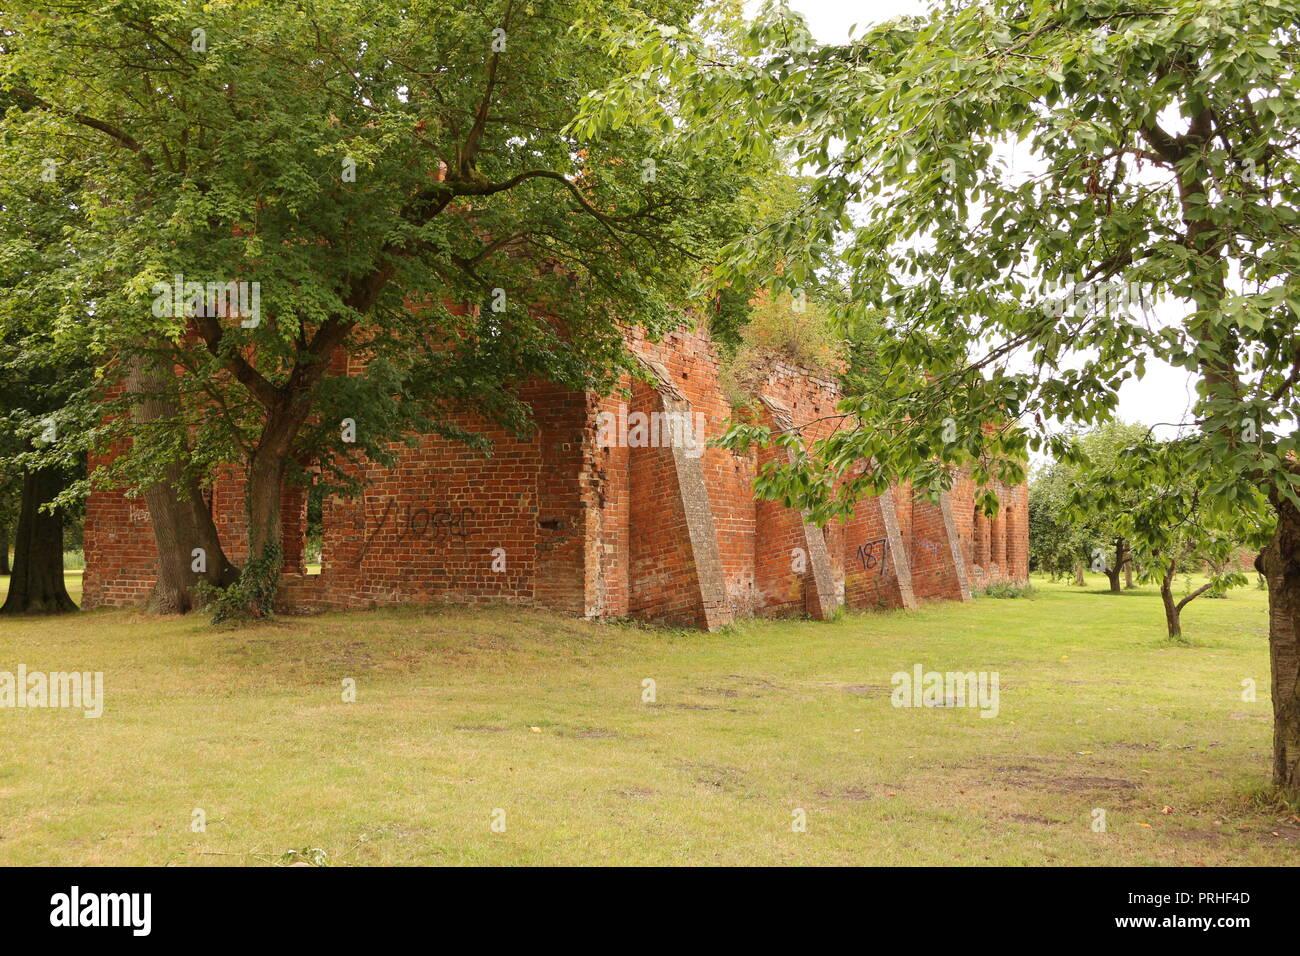 Auf dem Klostergelände des ehemaligen Klosters in Bad Doberan - Stock Image